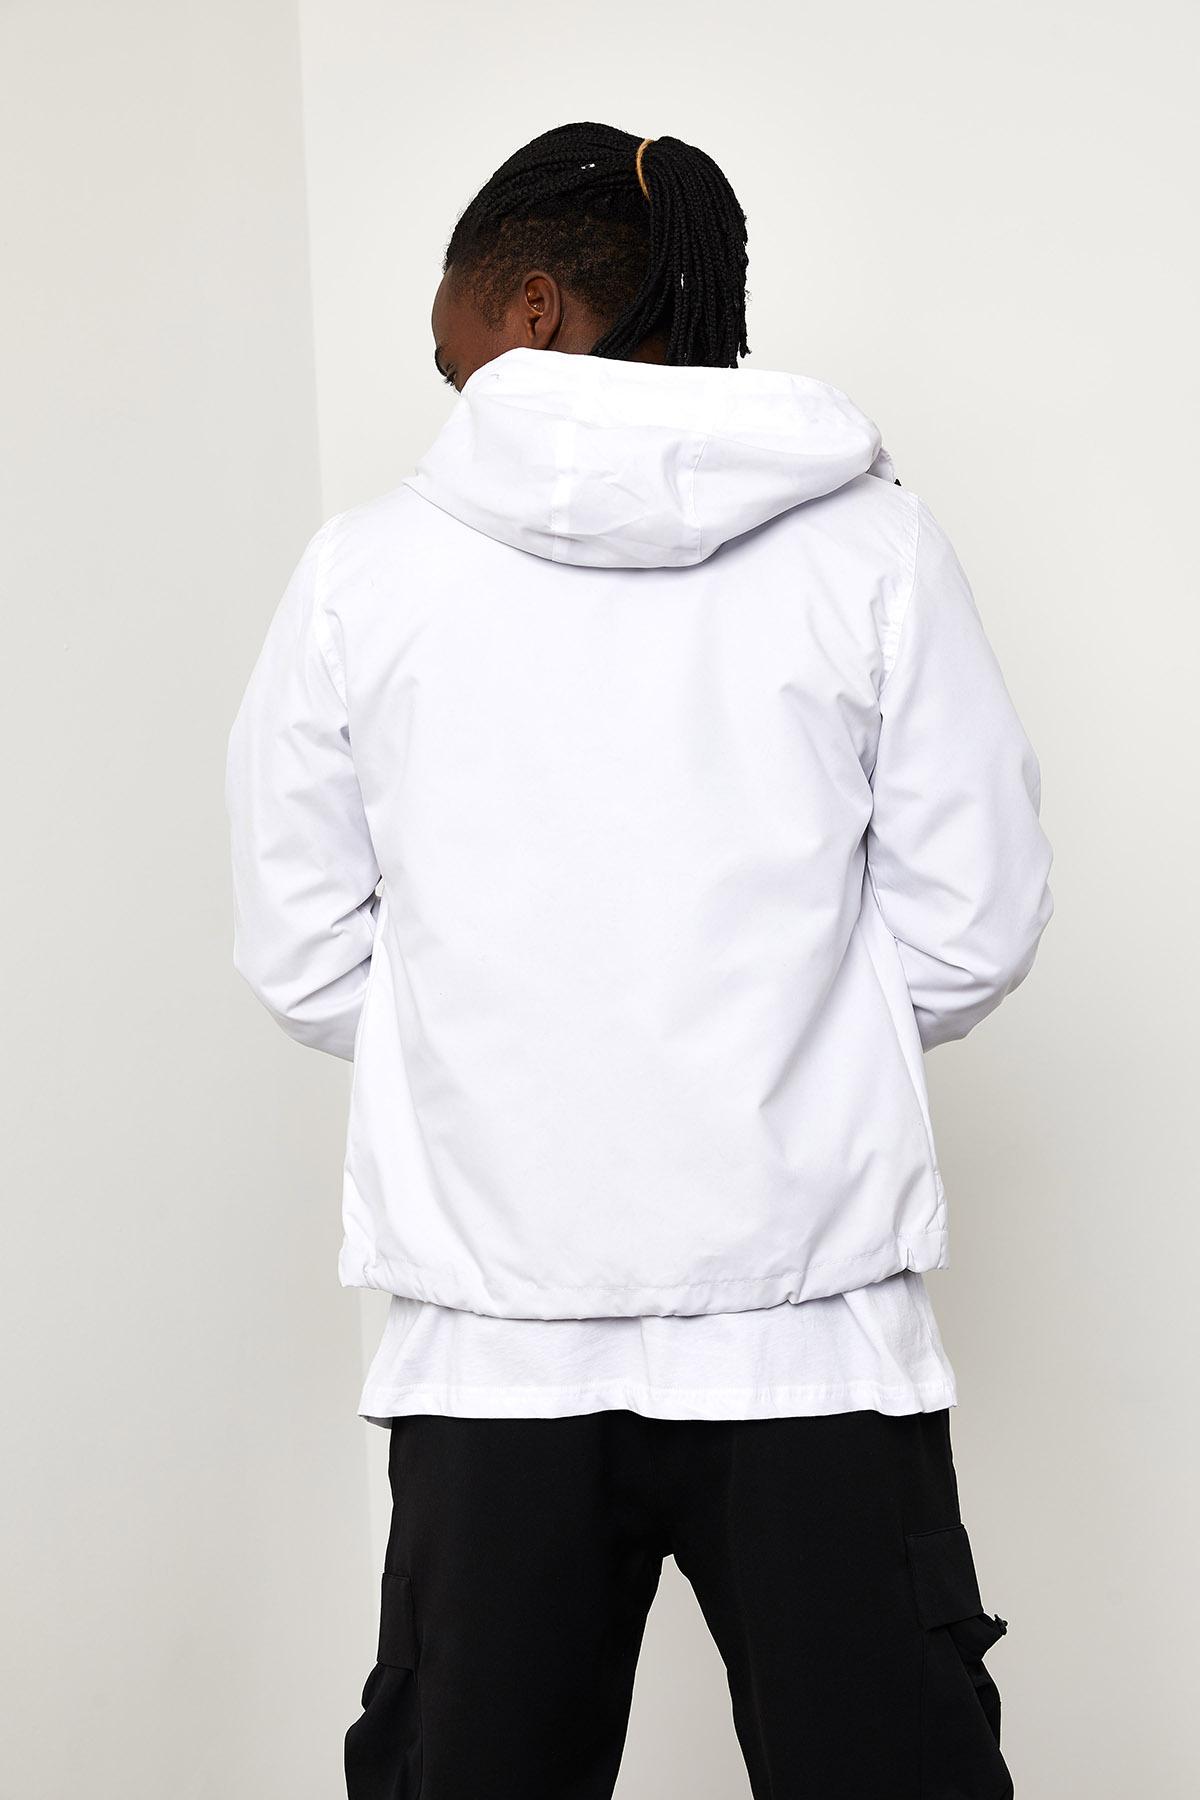 Beyaz Kapüşonlü Yağmurluk 1YXE8-44963-01